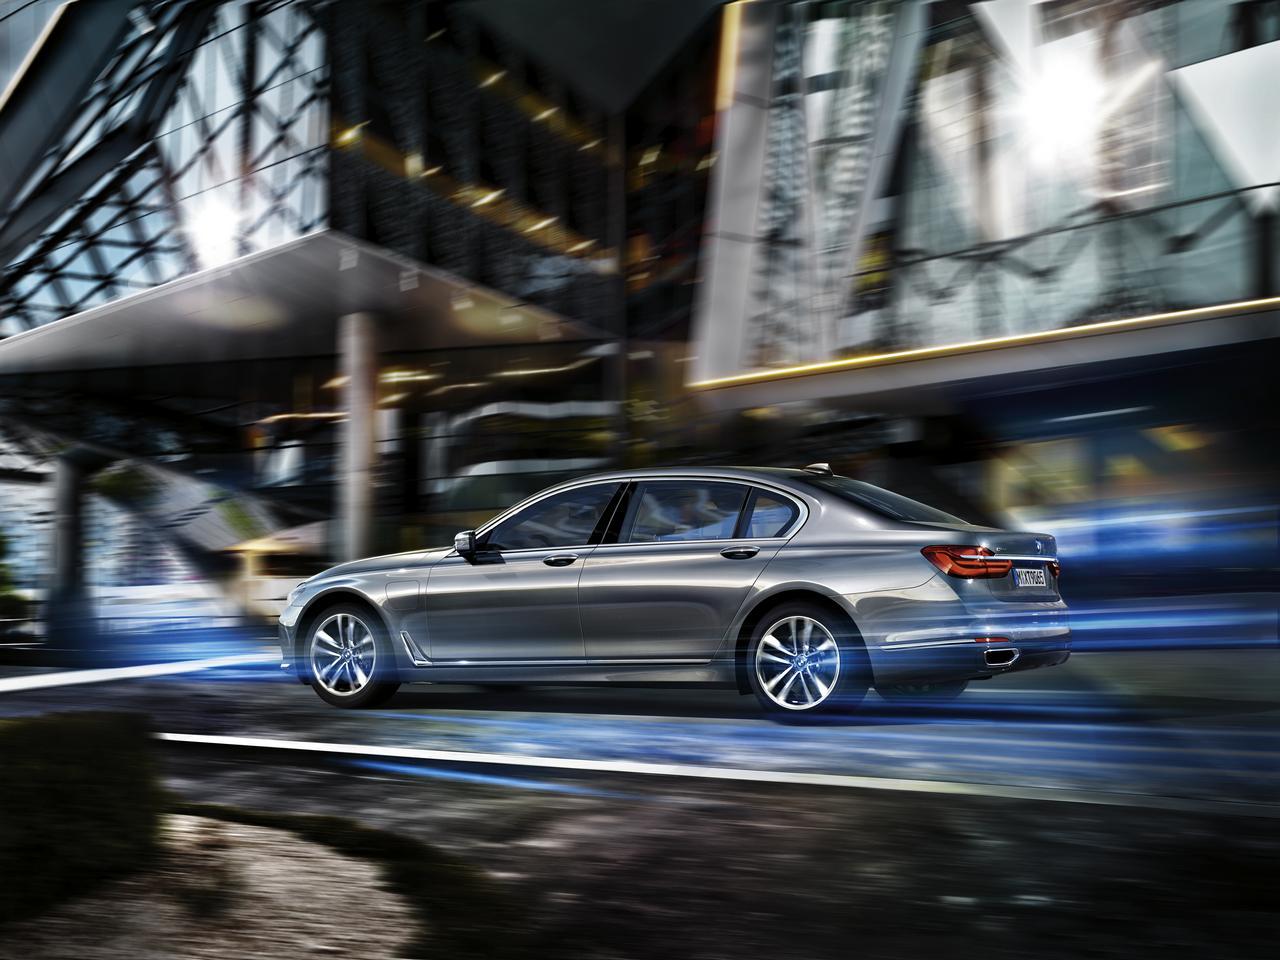 BMW-Serie-7-740Le-prezzo-price-0-100_1